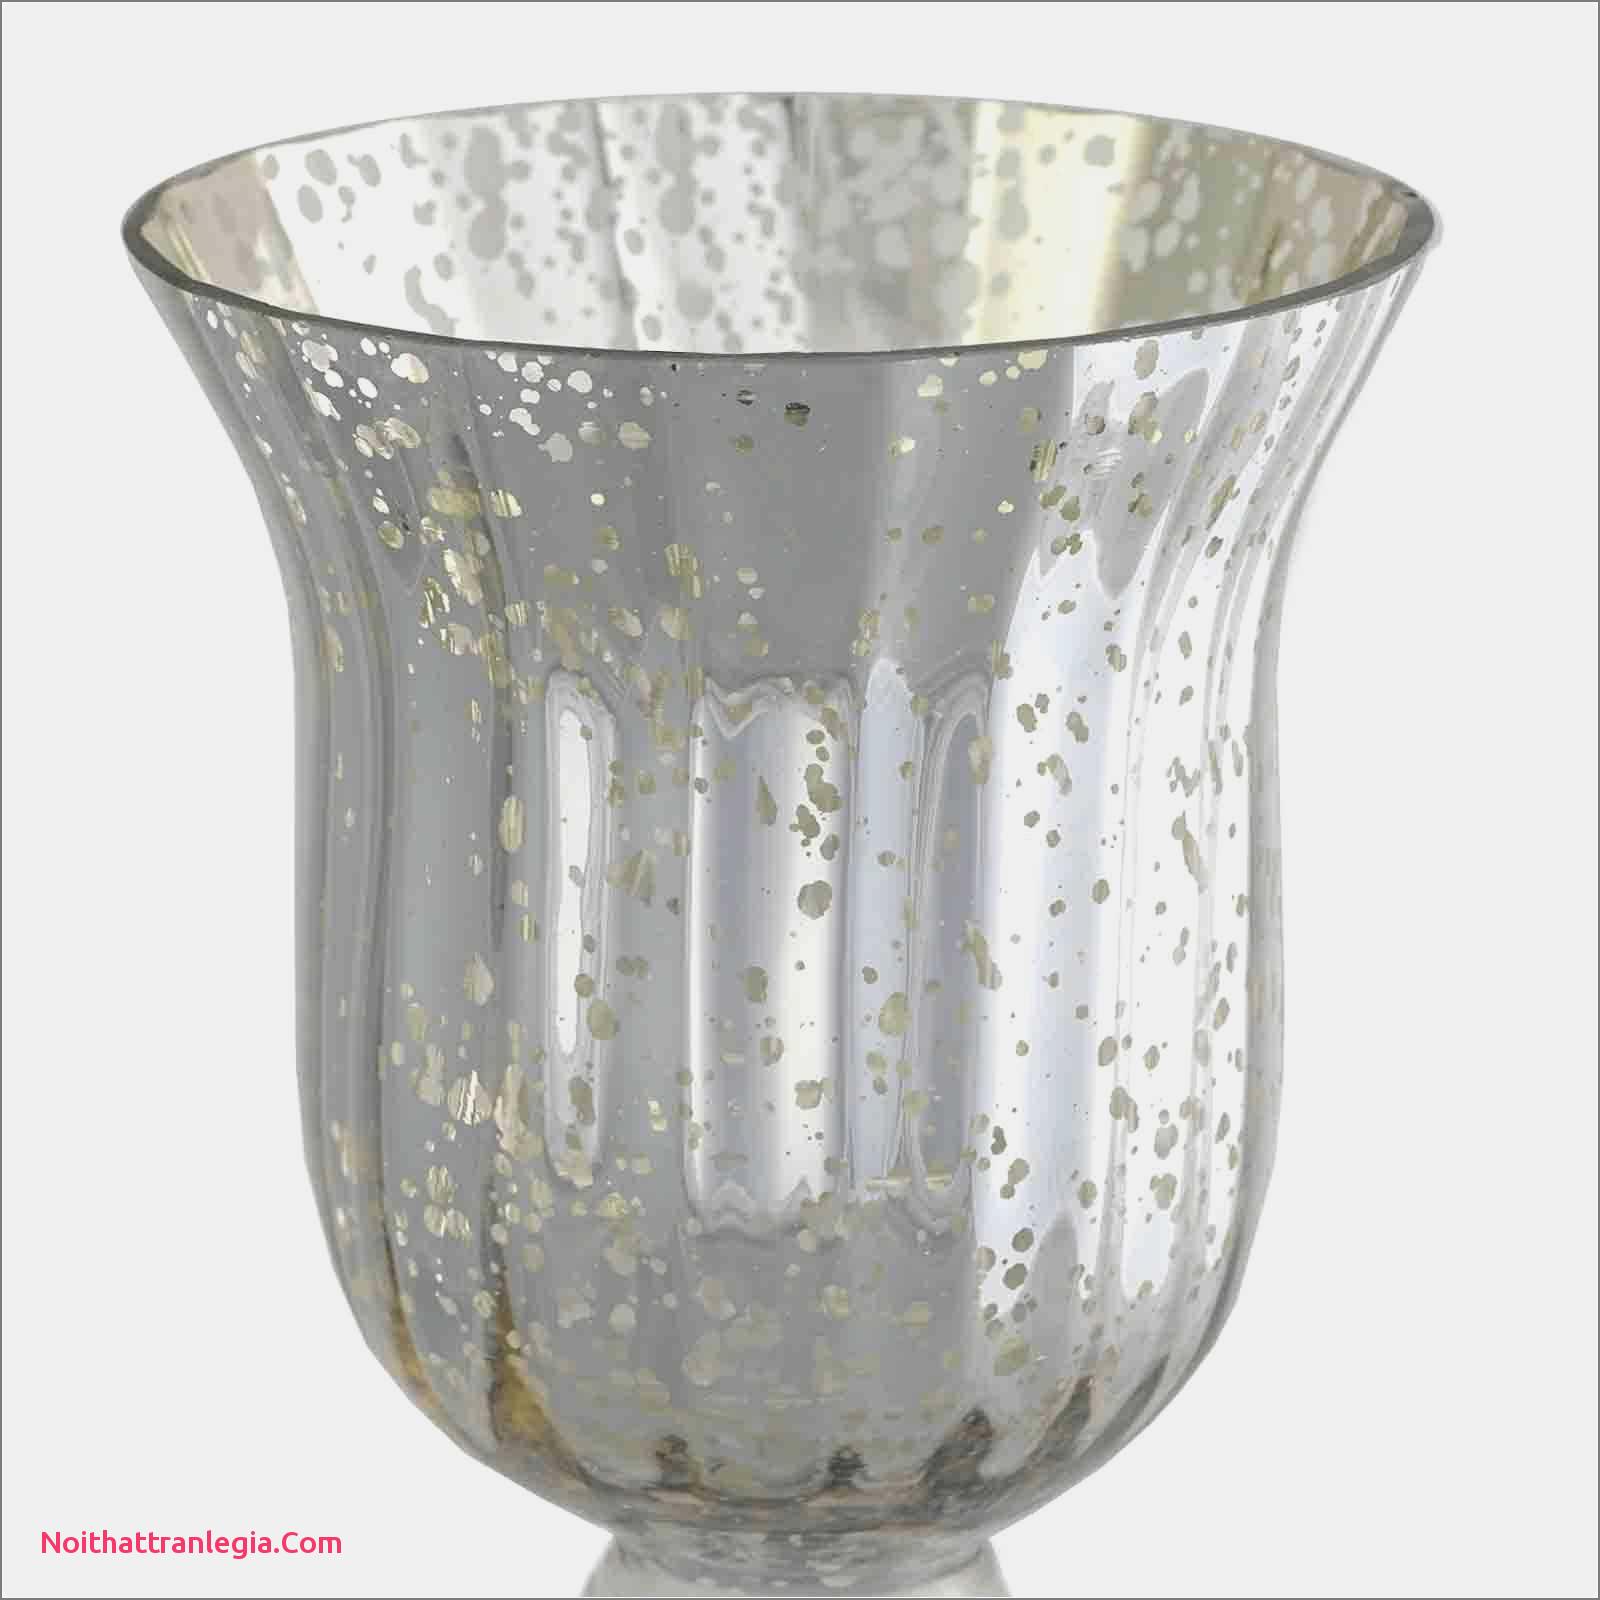 21 Best Ceramic Bud Vase 2021 free download ceramic bud vase of 20 wedding vases noithattranlegia vases design for wedding guest gift ideas inspirational candles for wedding favors superb pe s5h vases candle vase i